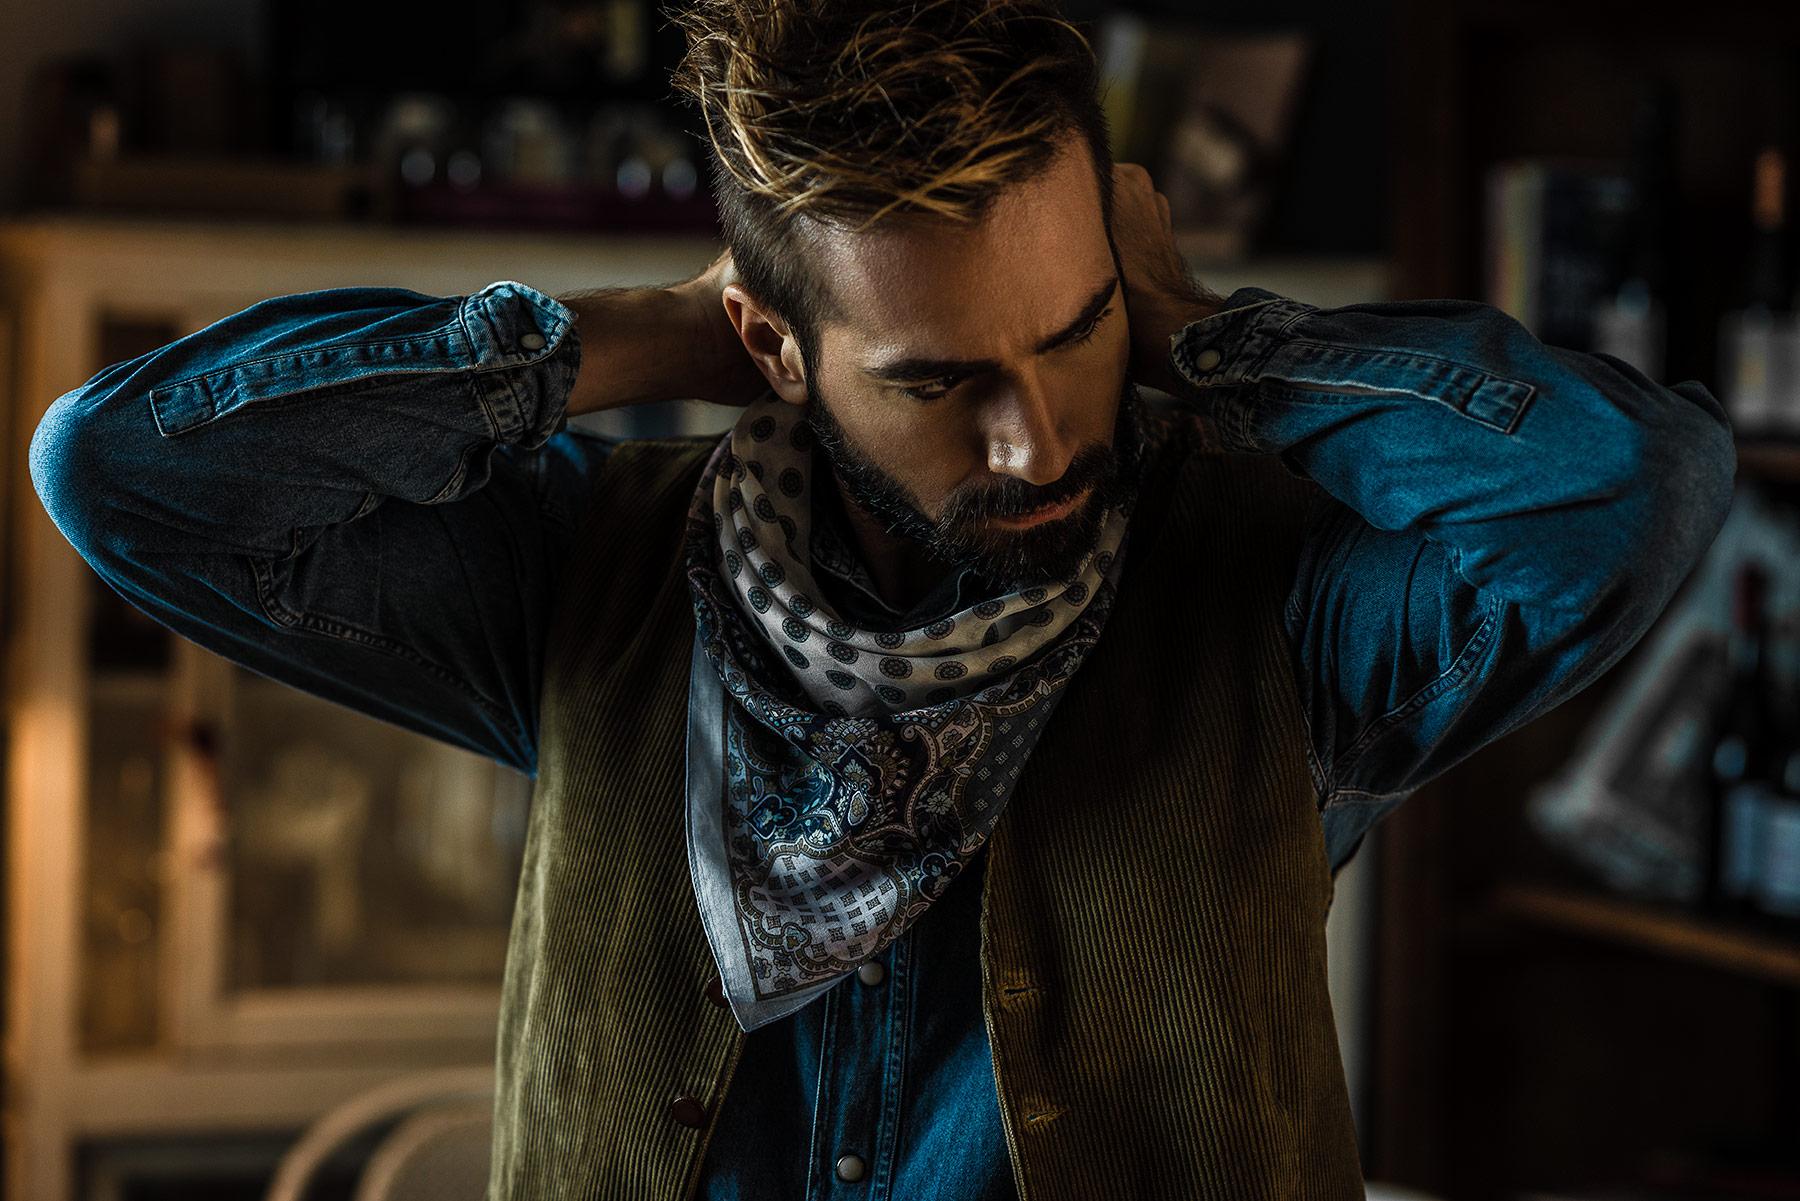 fotografo-moda-accessori-uomo